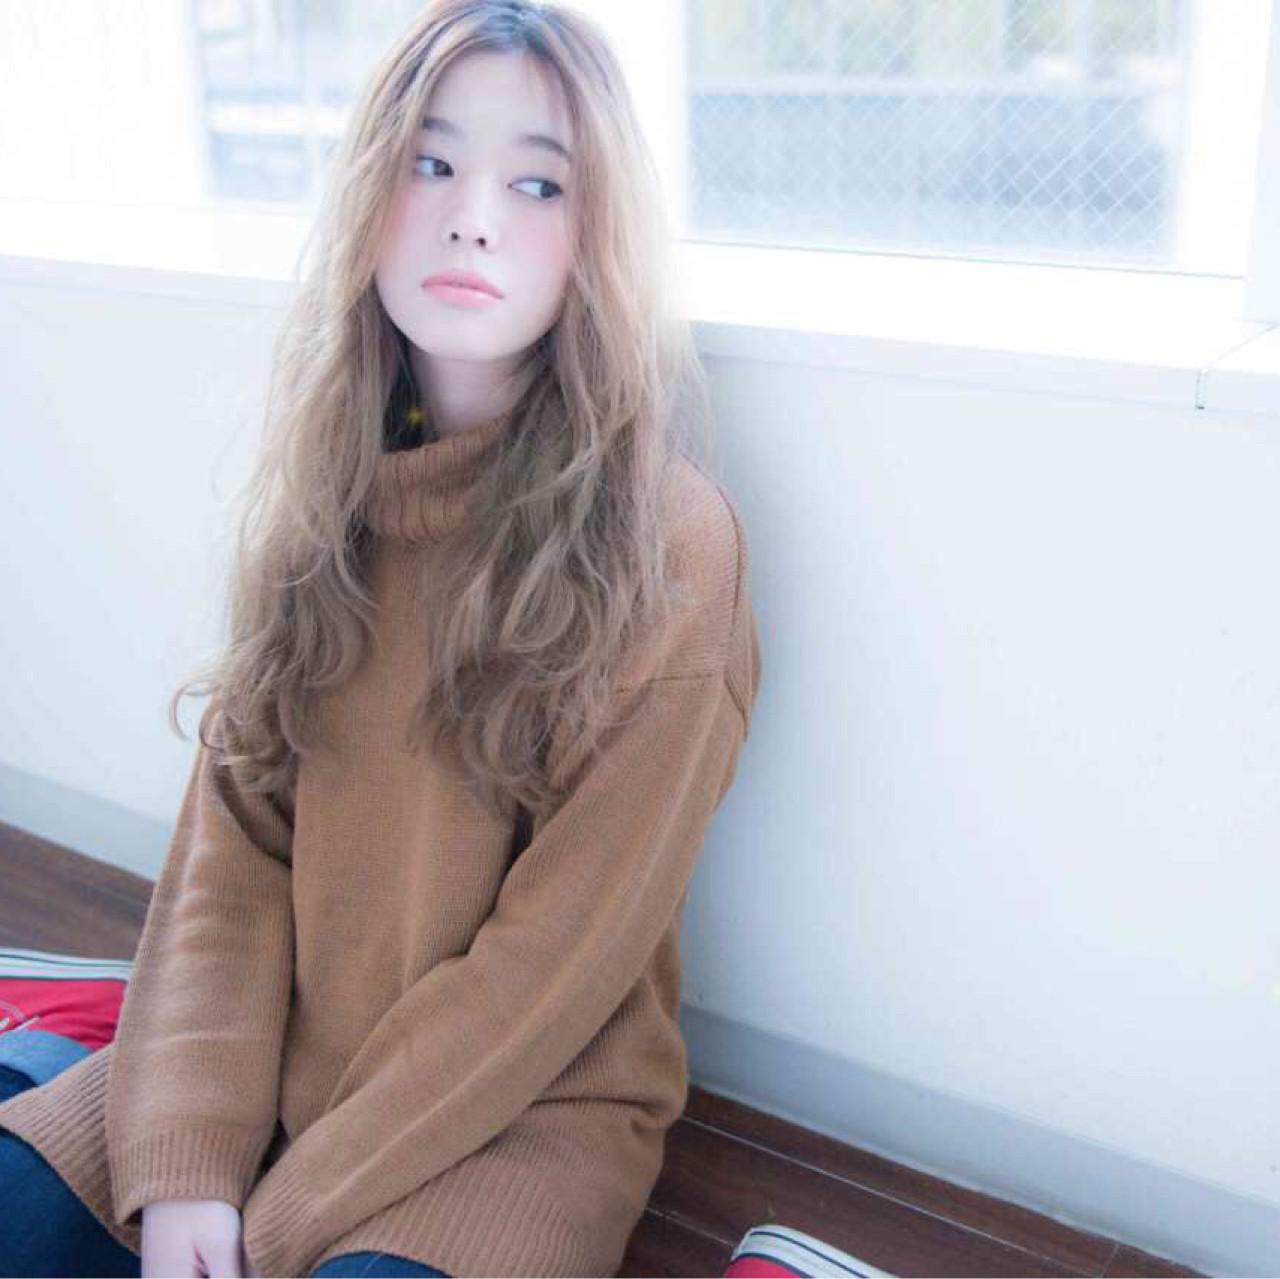 ハイライト ショート 簡単 パーマヘアスタイルや髪型の写真・画像